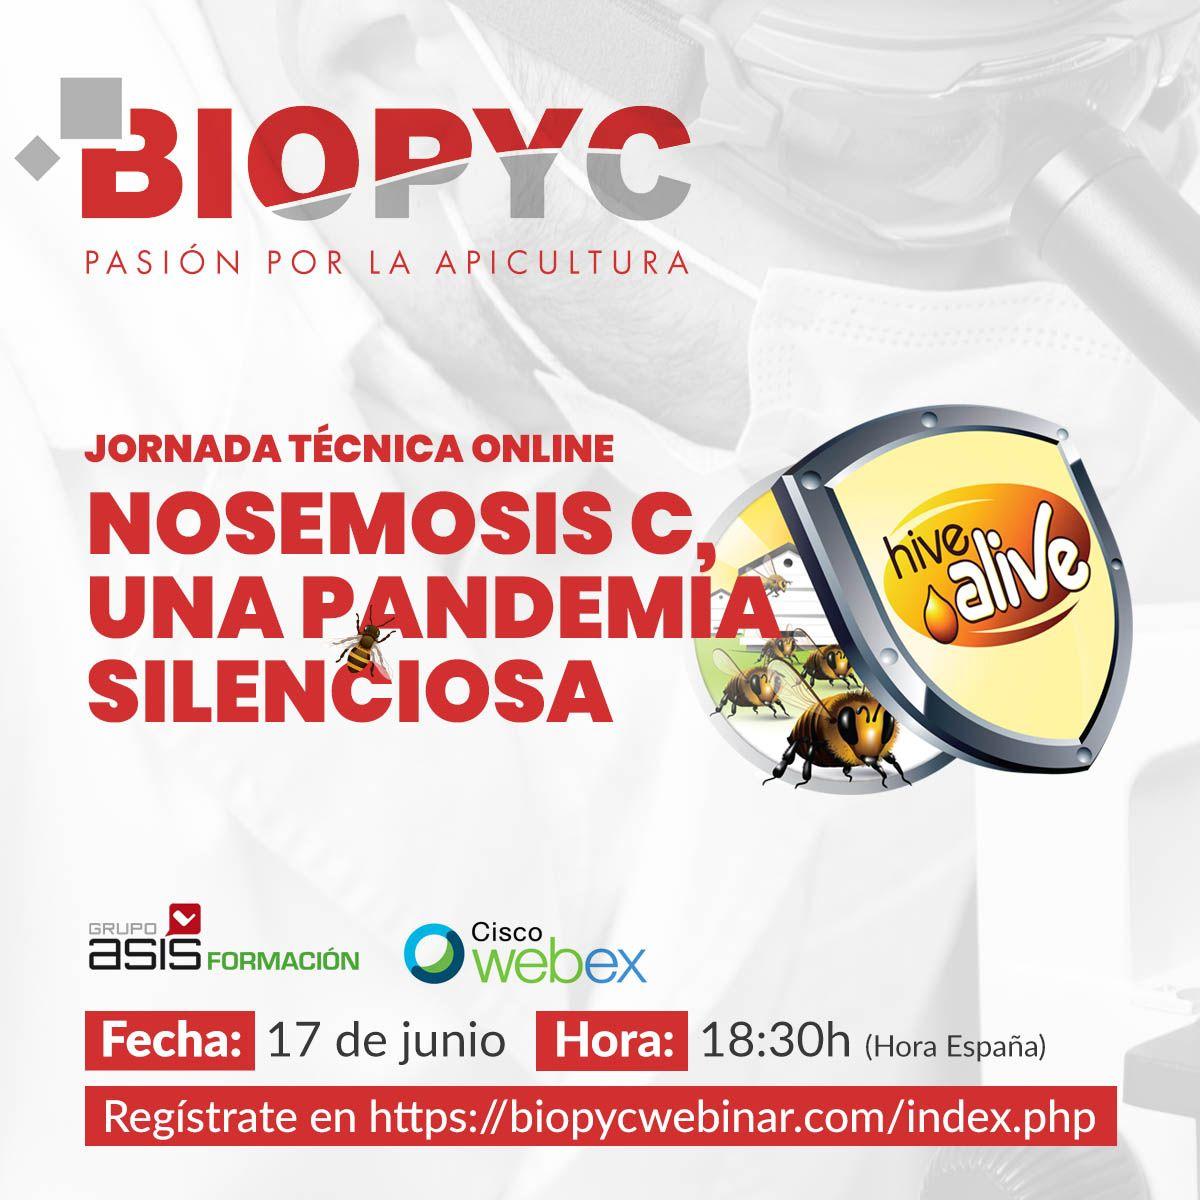 BIOPYC organiza la Jornada Técnica online sobre la Nosemosis C